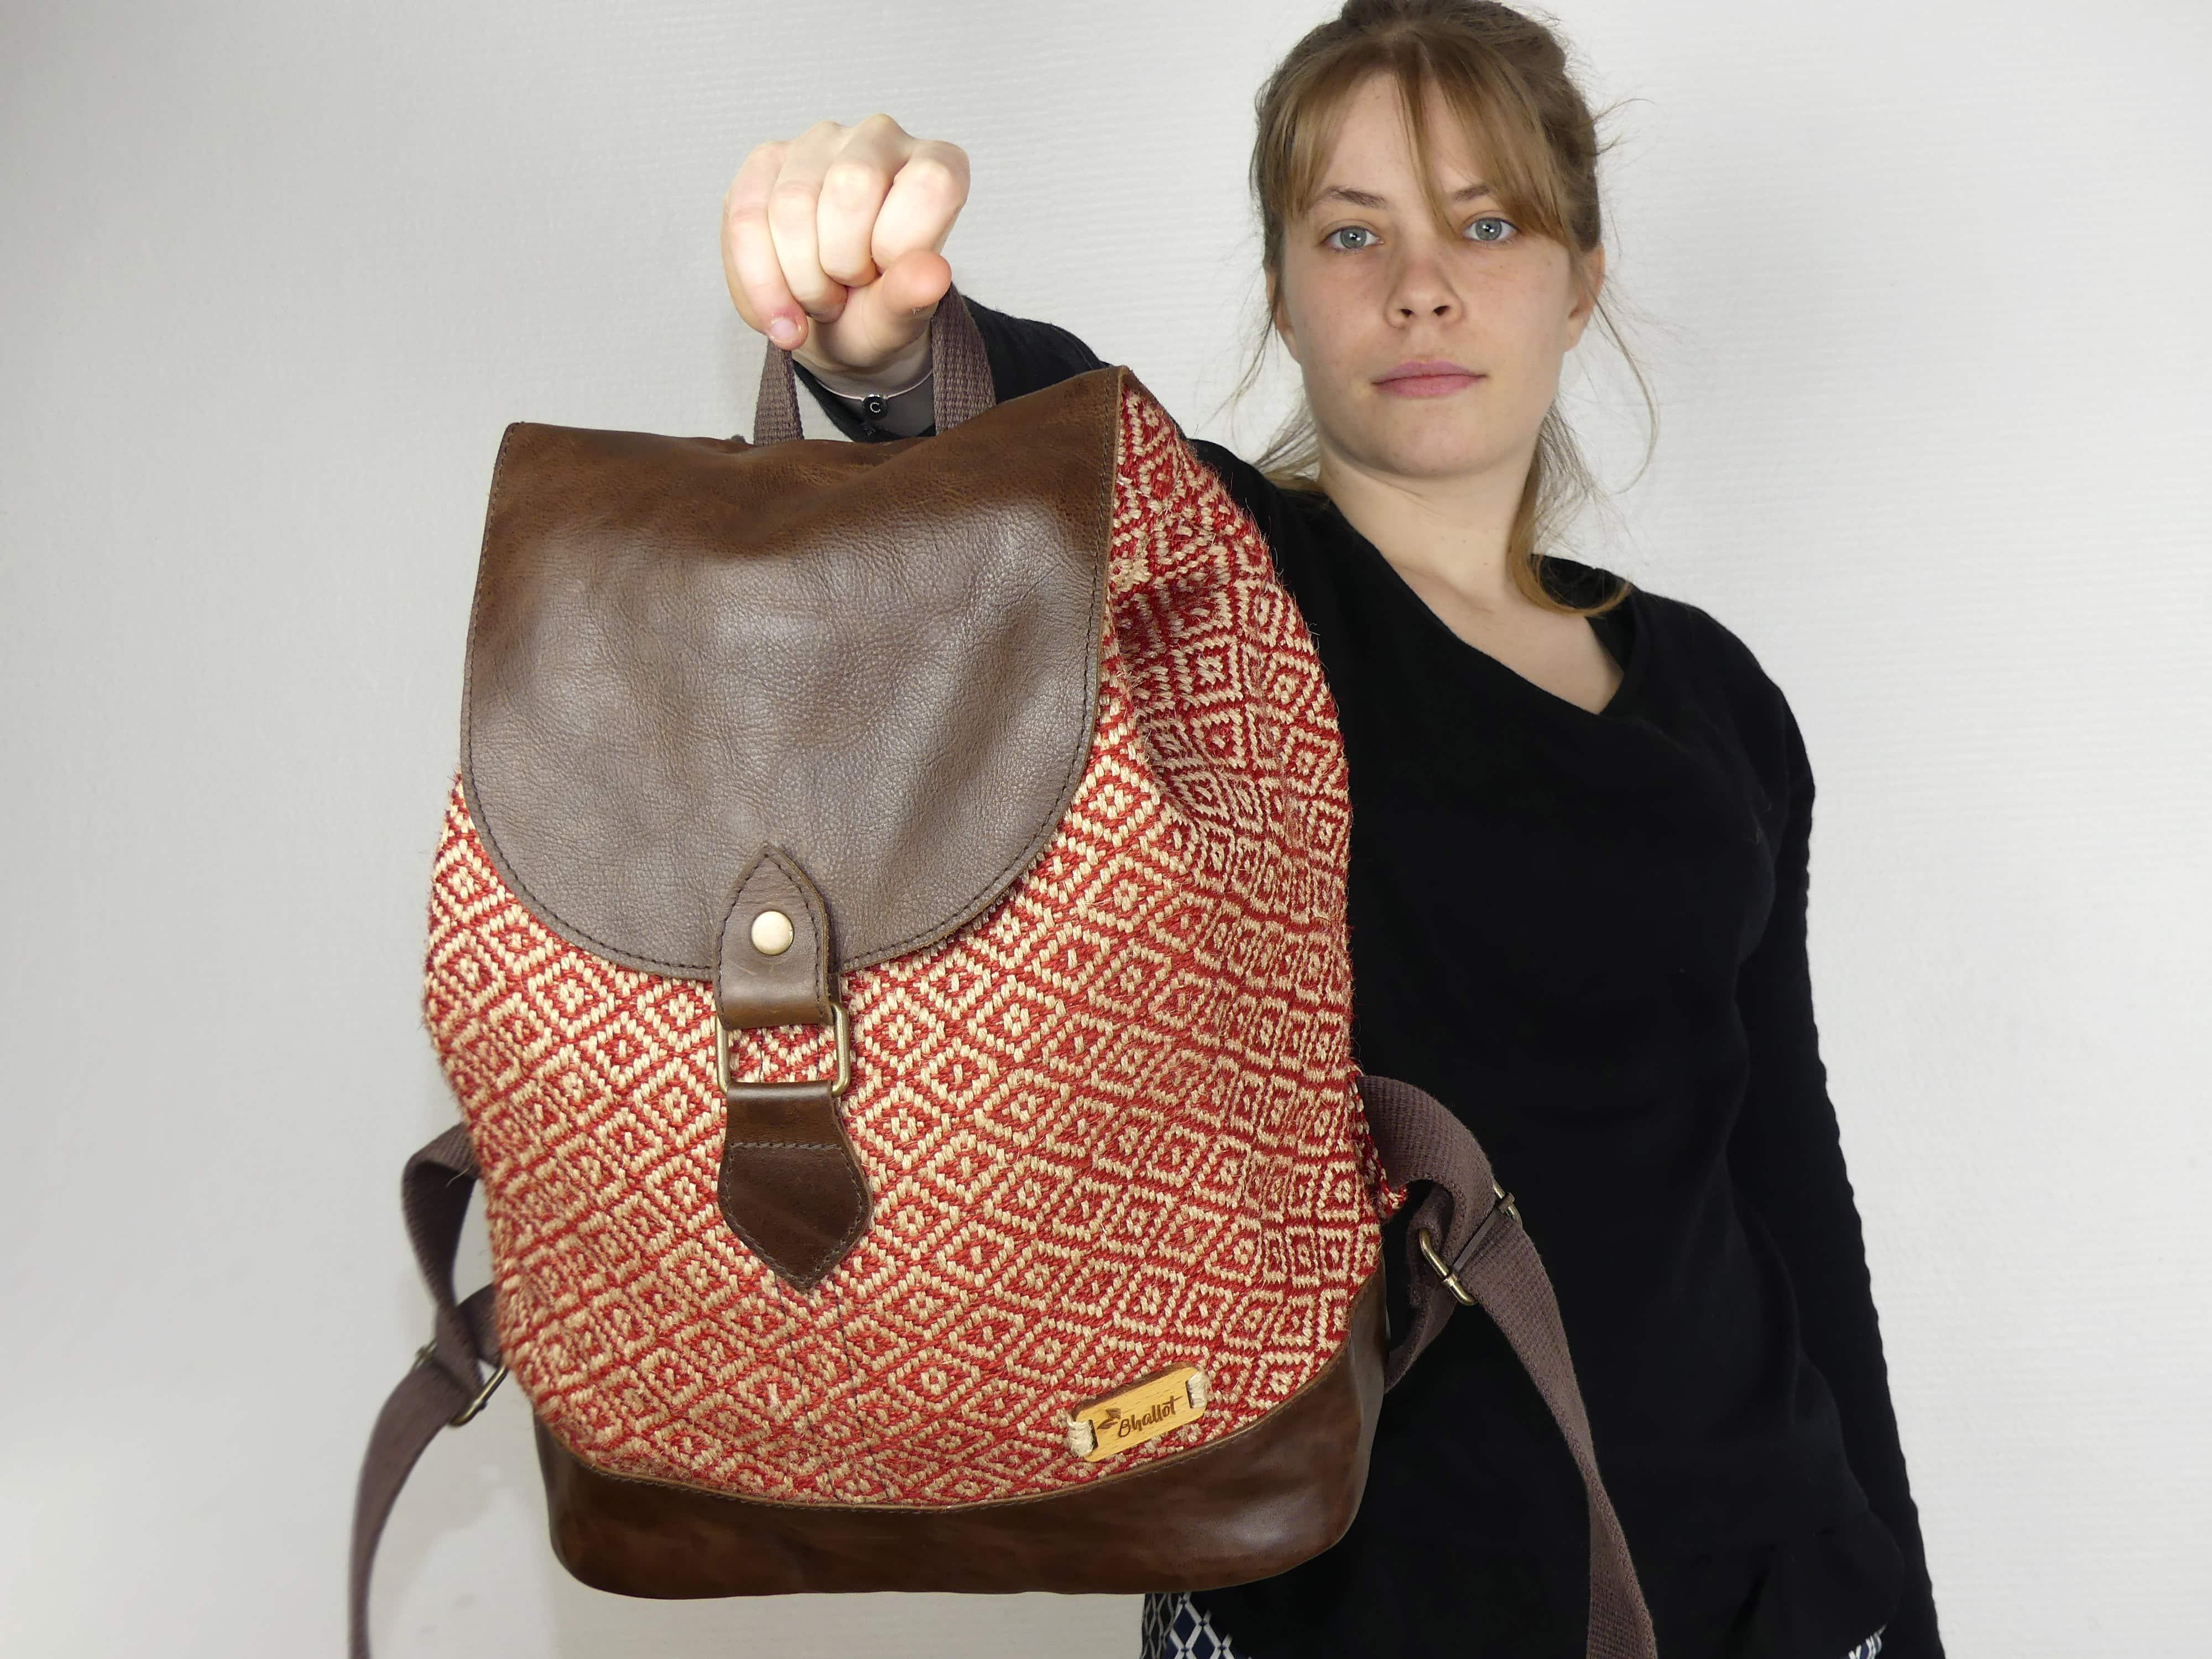 sac dos femme en toile de jute et cuir fait main potla bhallot. Black Bedroom Furniture Sets. Home Design Ideas